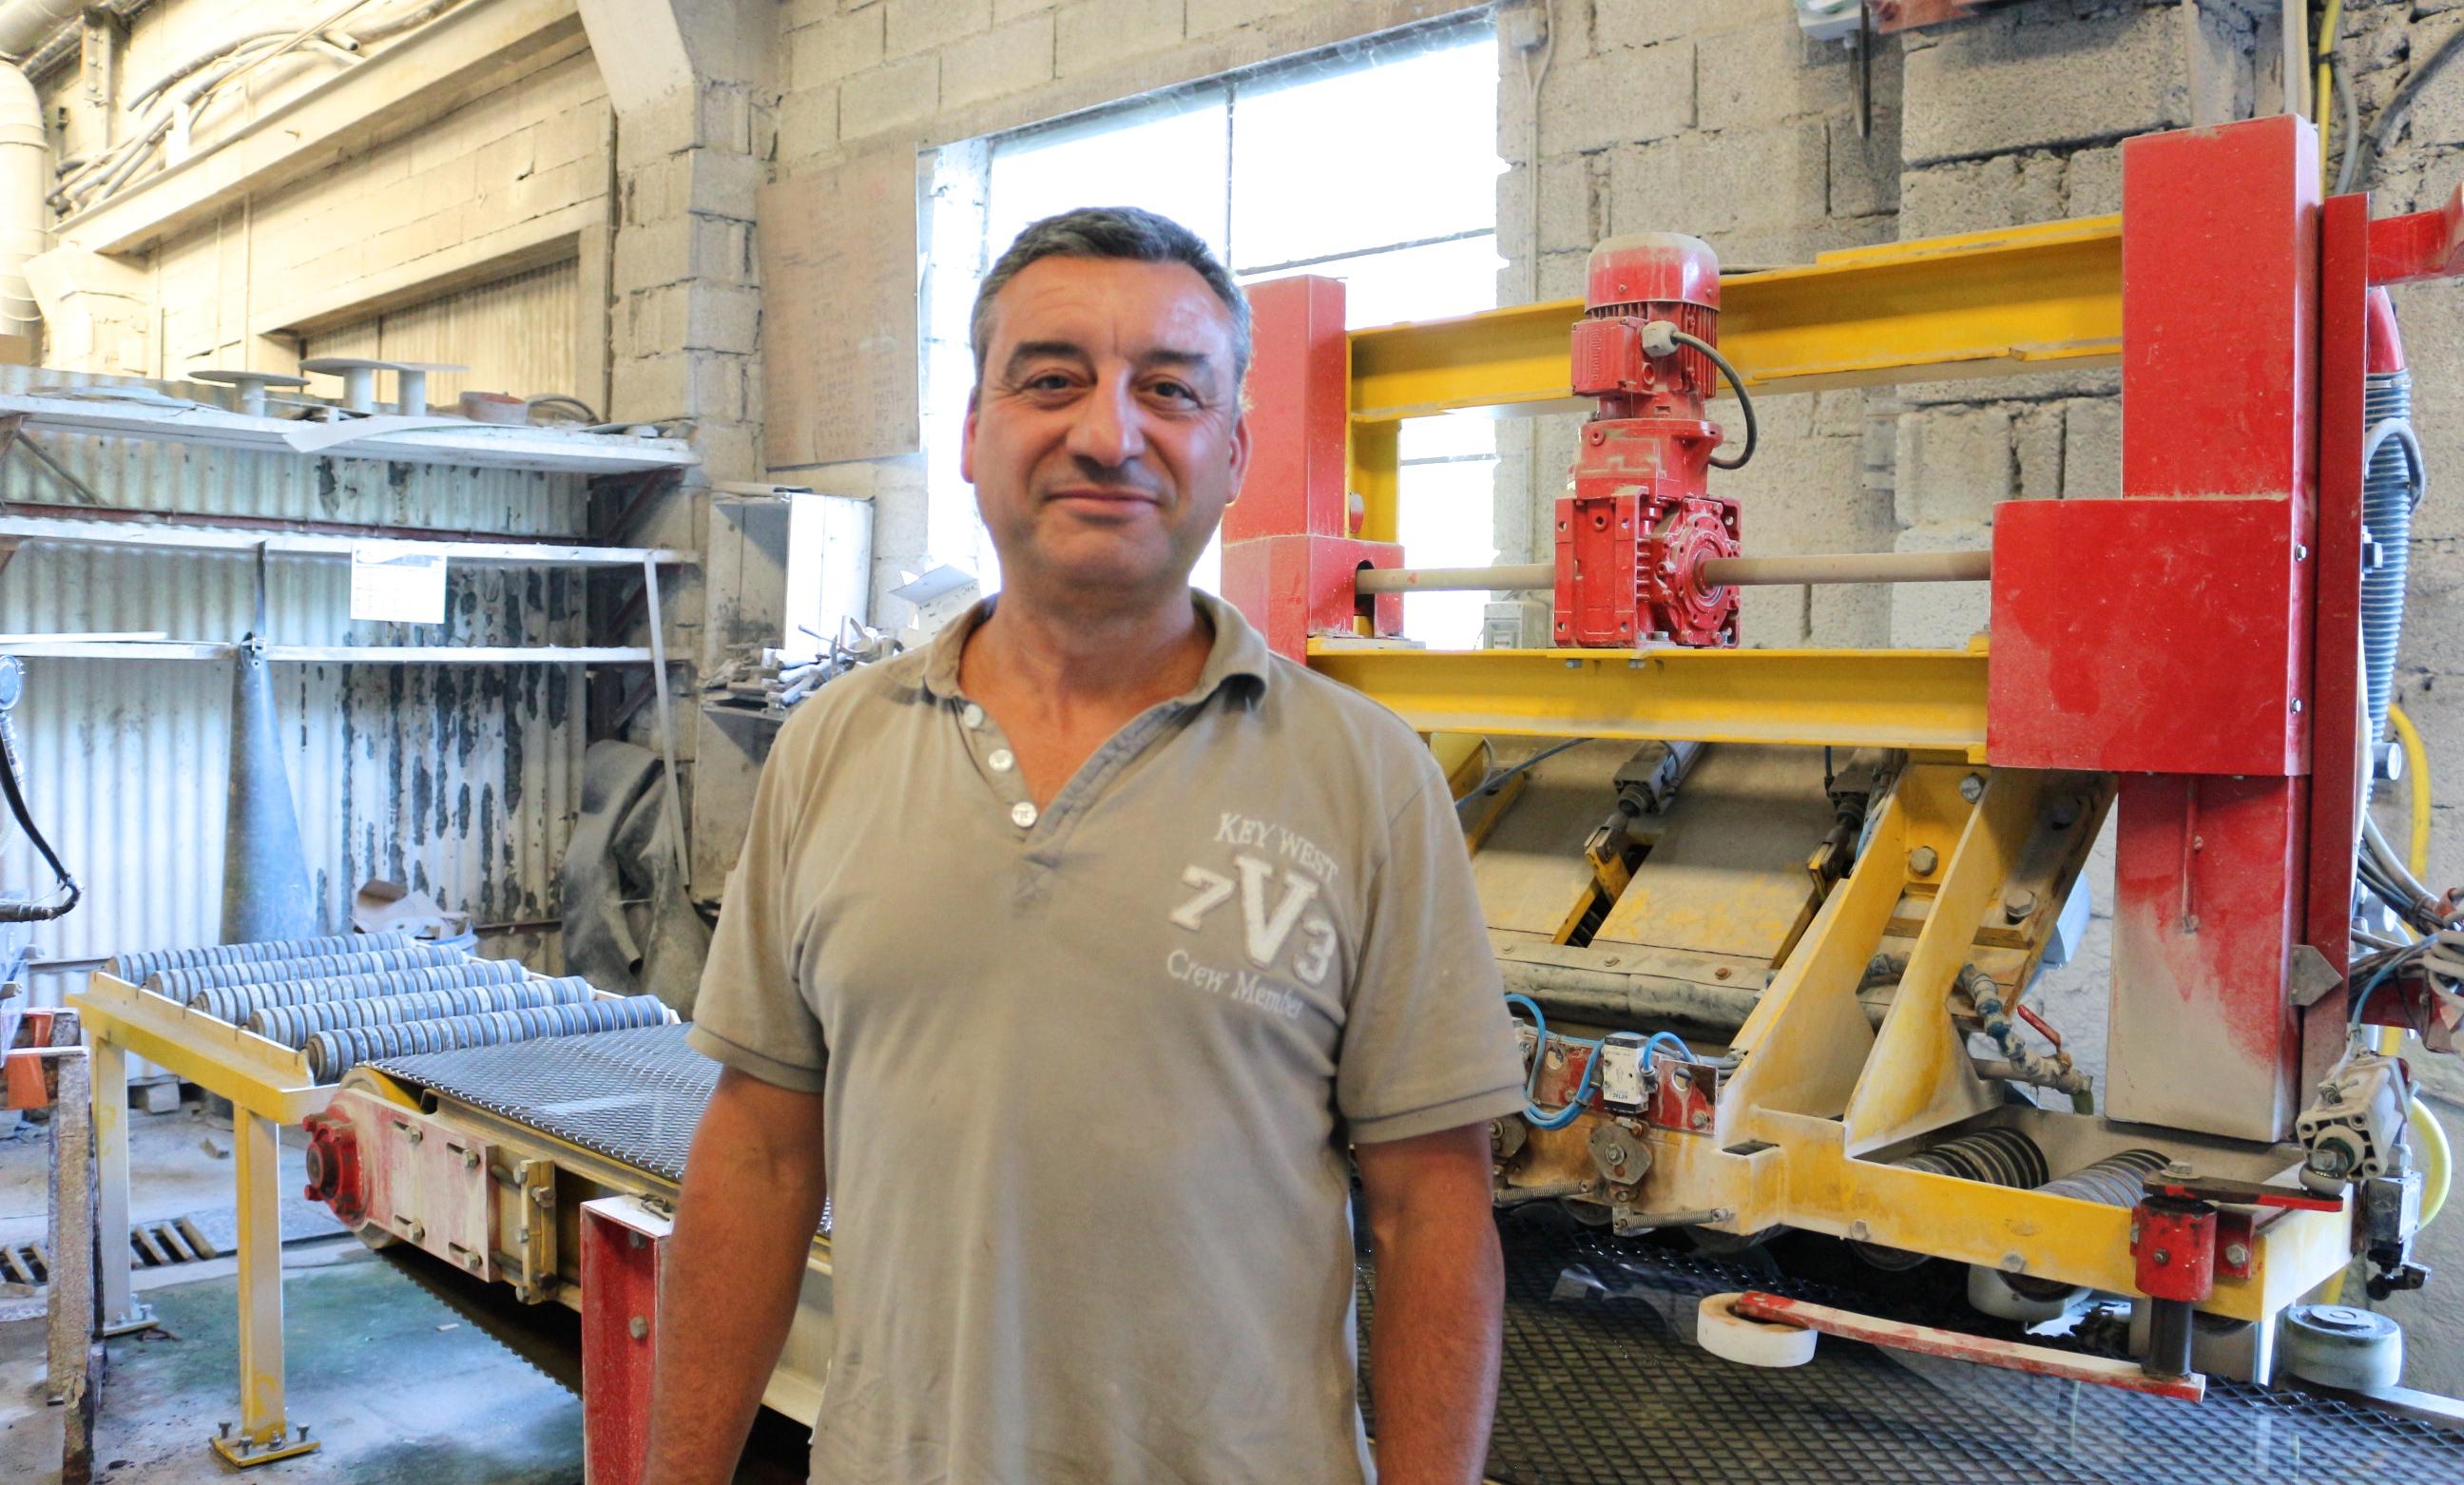 Philippe SENEGAS propriétaire de la carrière qui accueille le pilote Intraterra et dirigeant d'un atelier de transformation de granit.